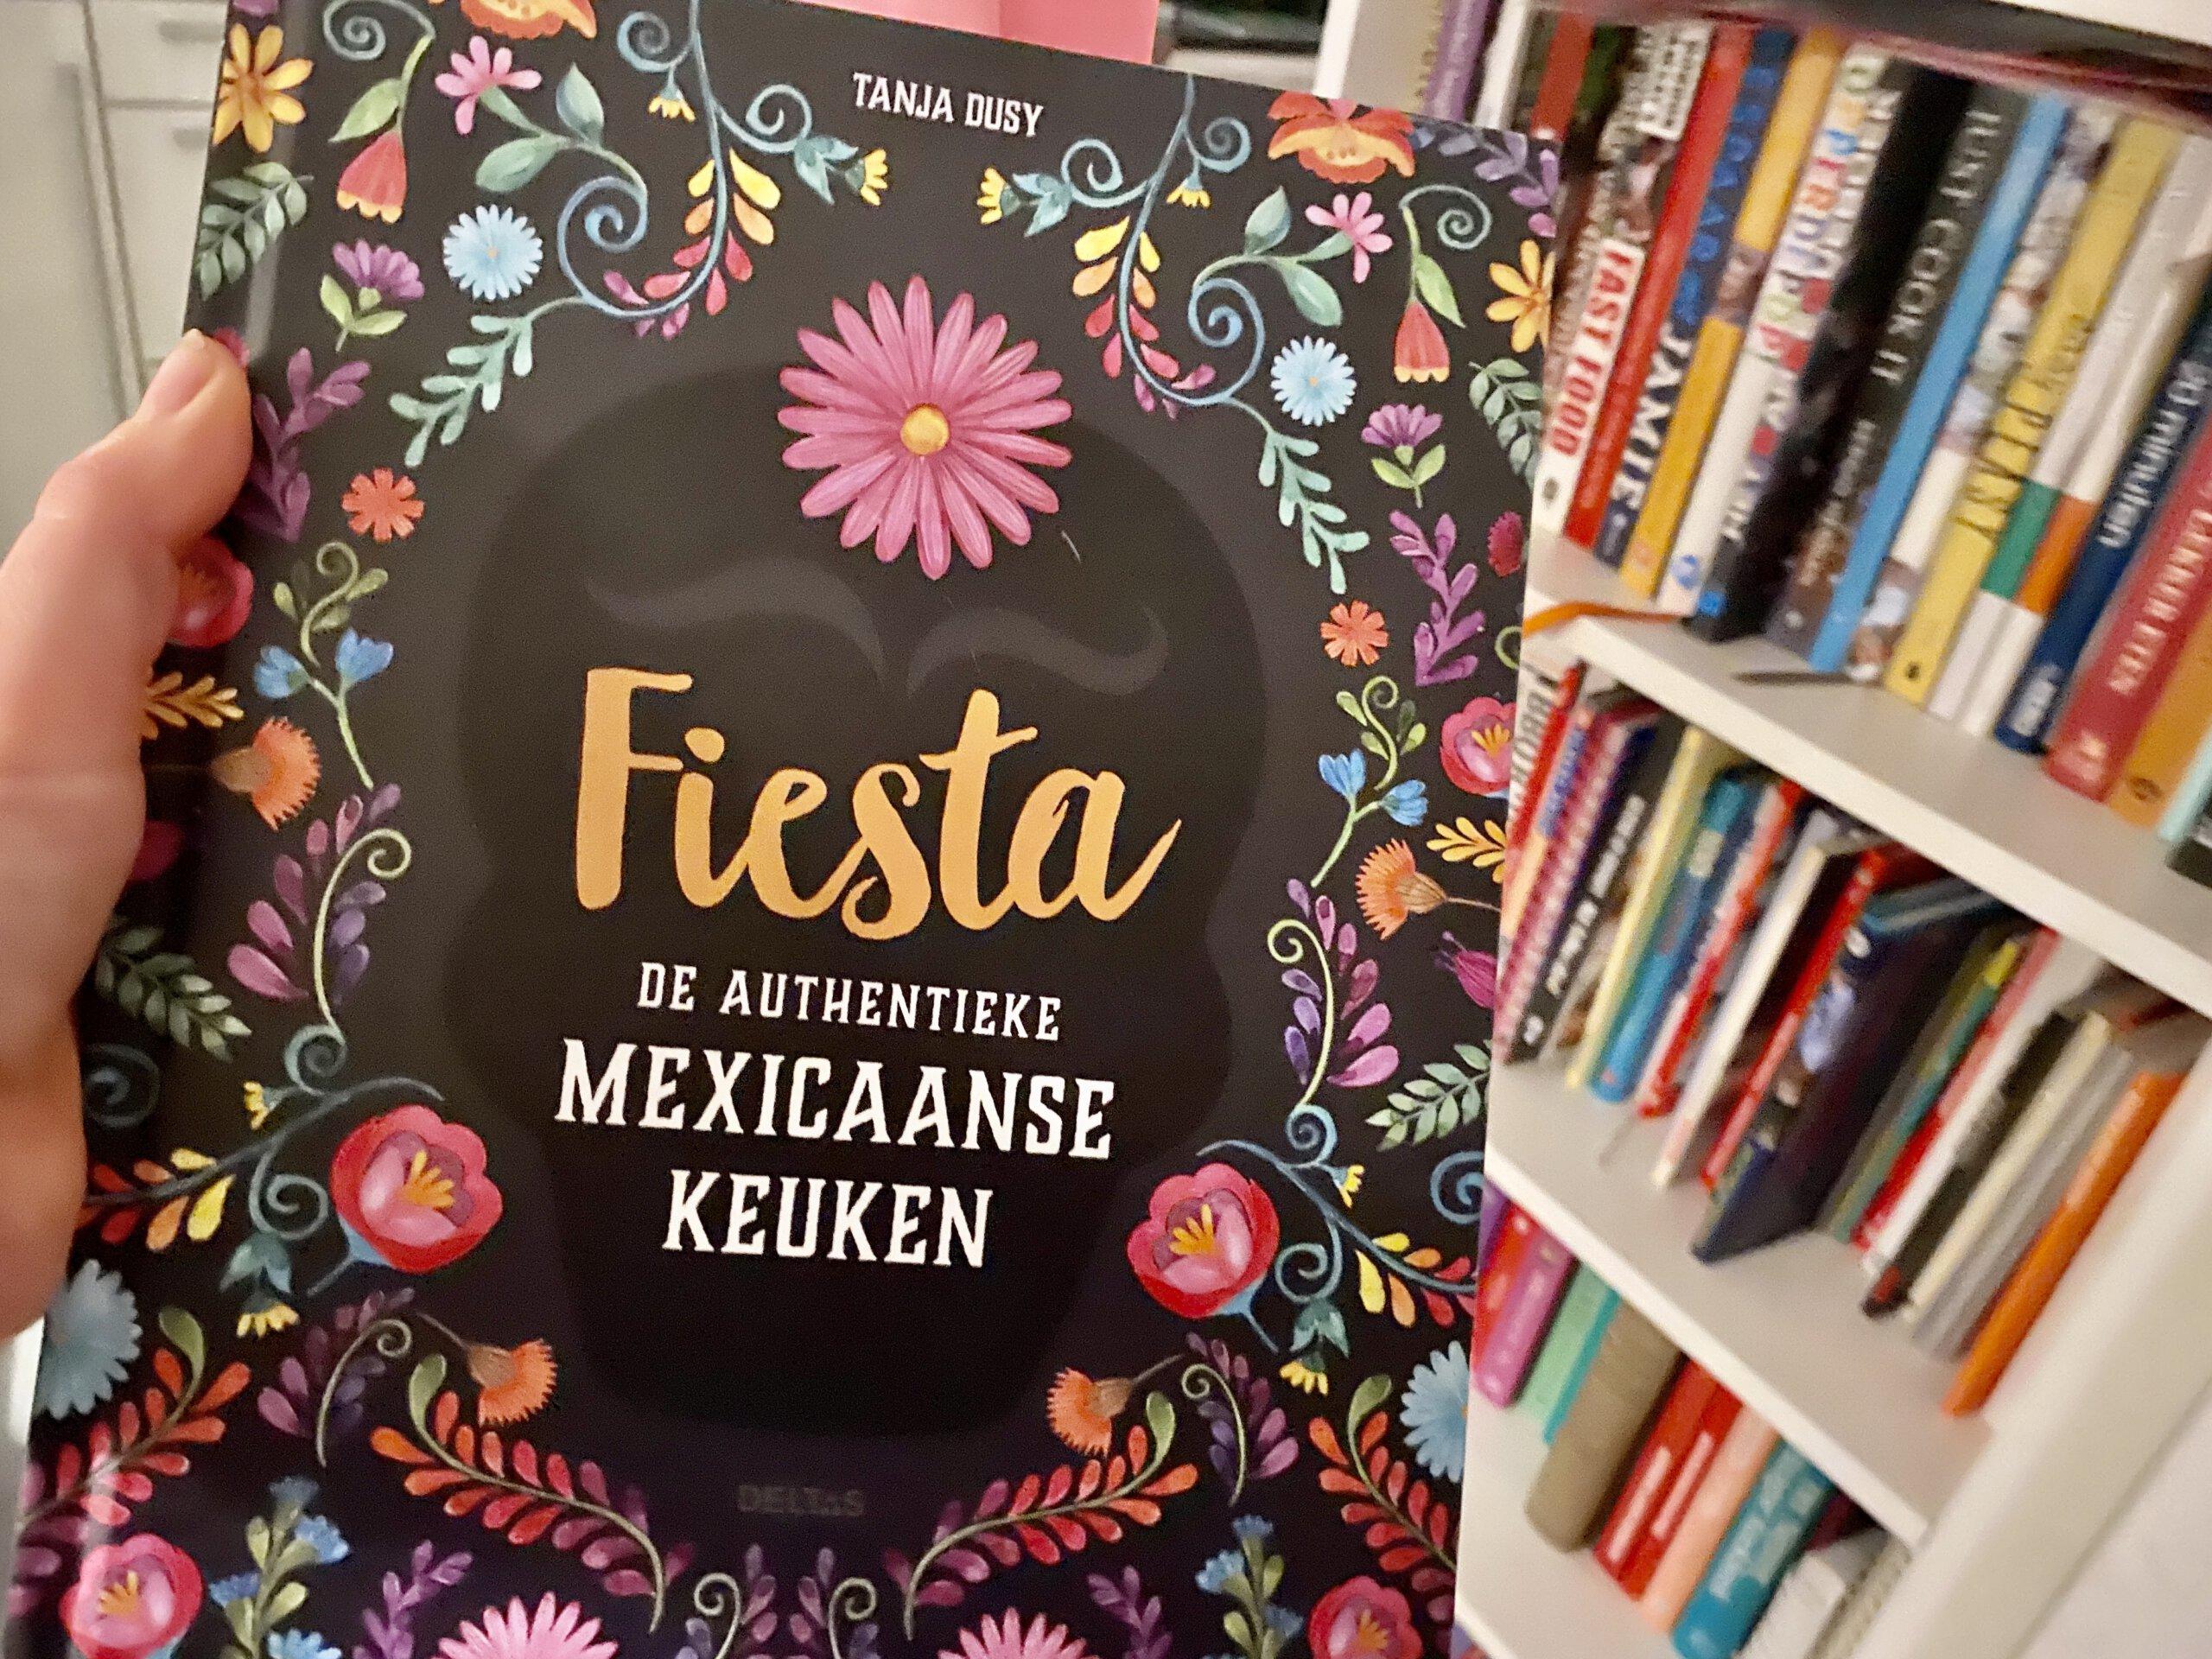 Fiesta, mexico, mexicaanse keuken, mexicaans, Mexico